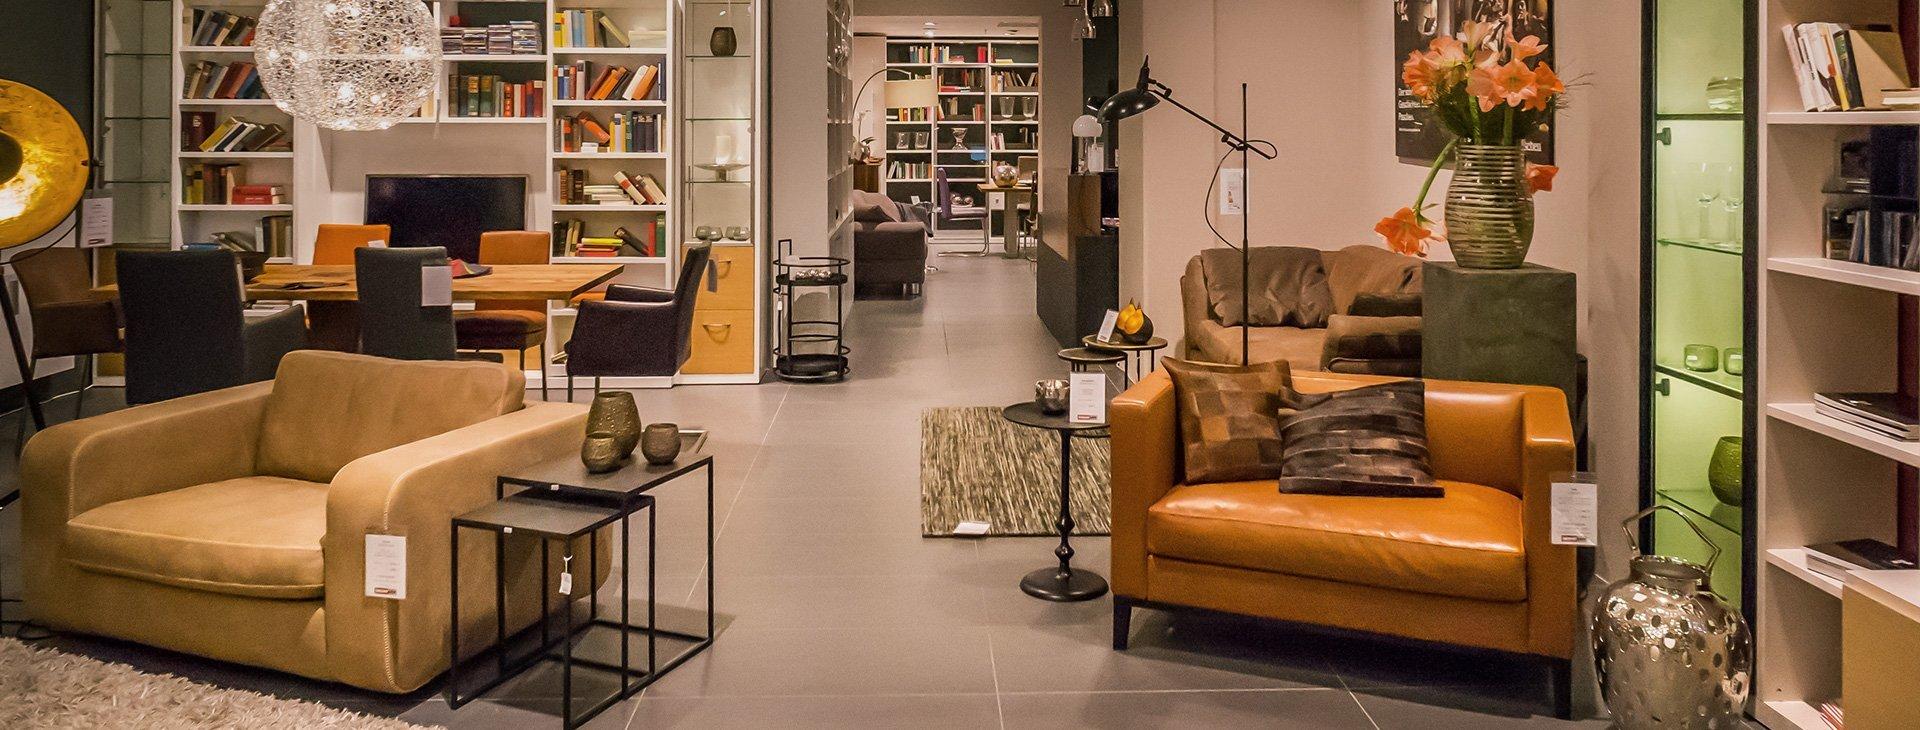 wohnart ihre stores im stilwerk hamburg. Black Bedroom Furniture Sets. Home Design Ideas